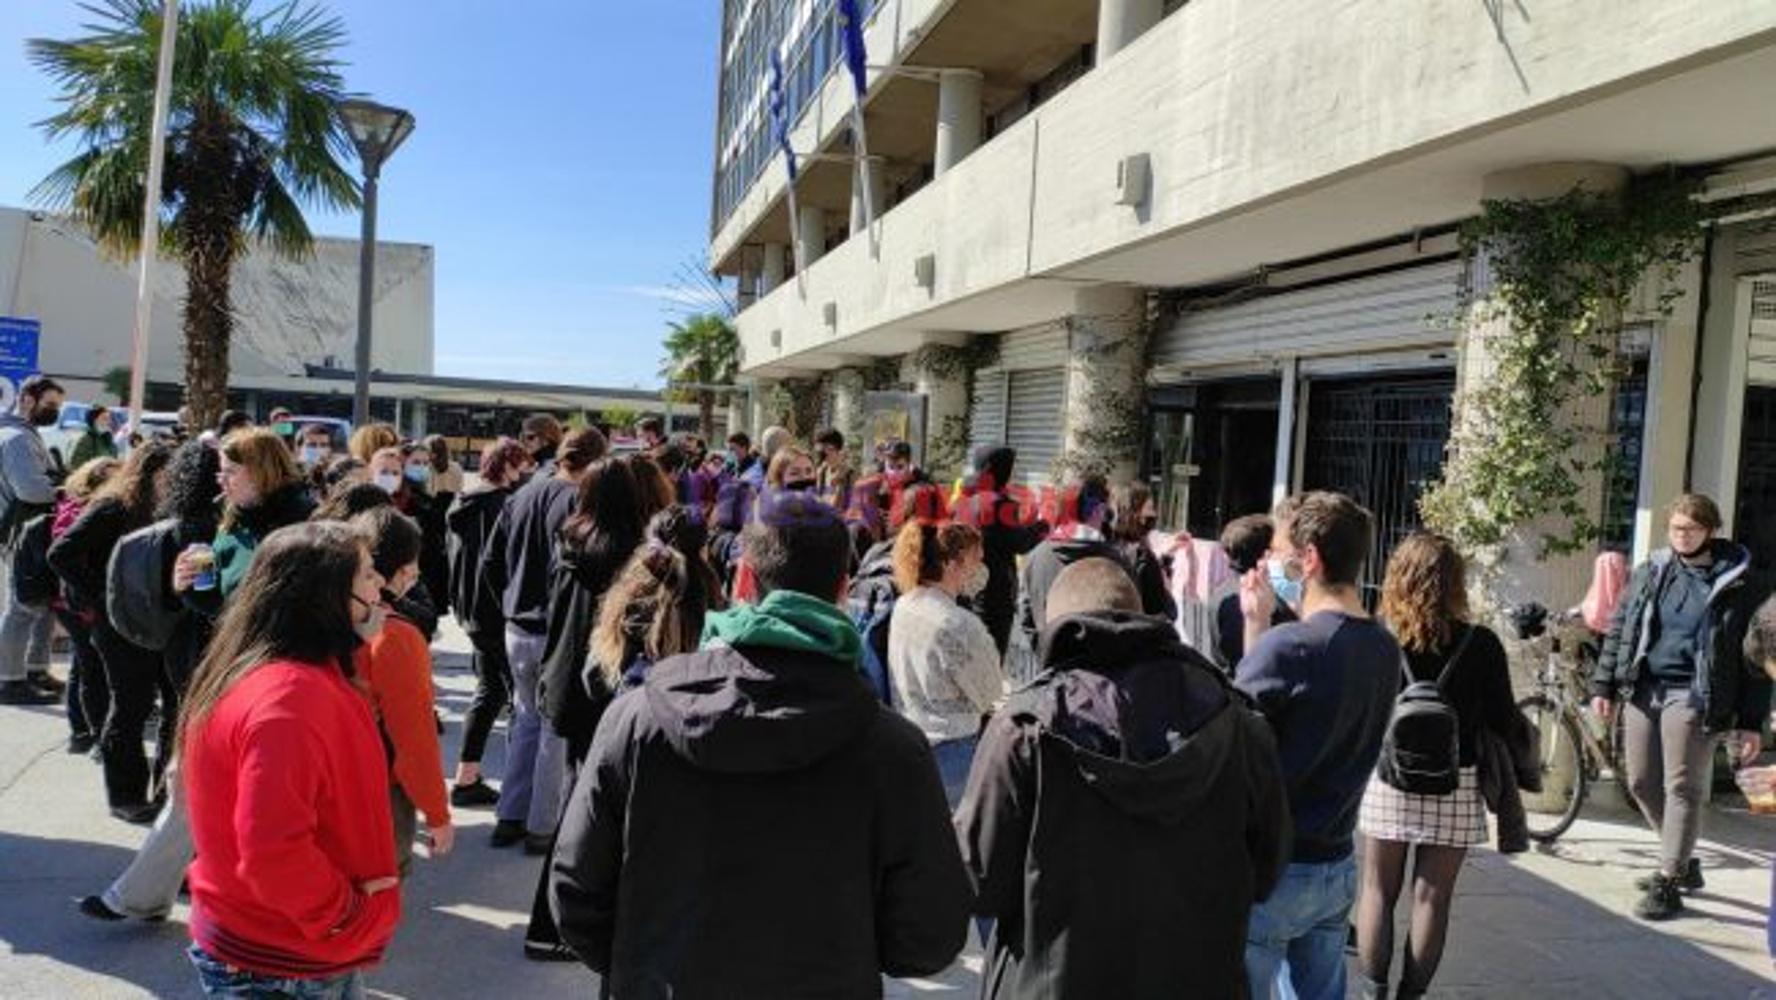 Θεσσαλονίκη: Νέα συγκέντρωση φοιτητών στο ΑΠΘ – Ζητούν συνάντηση με τον Πρύτανη